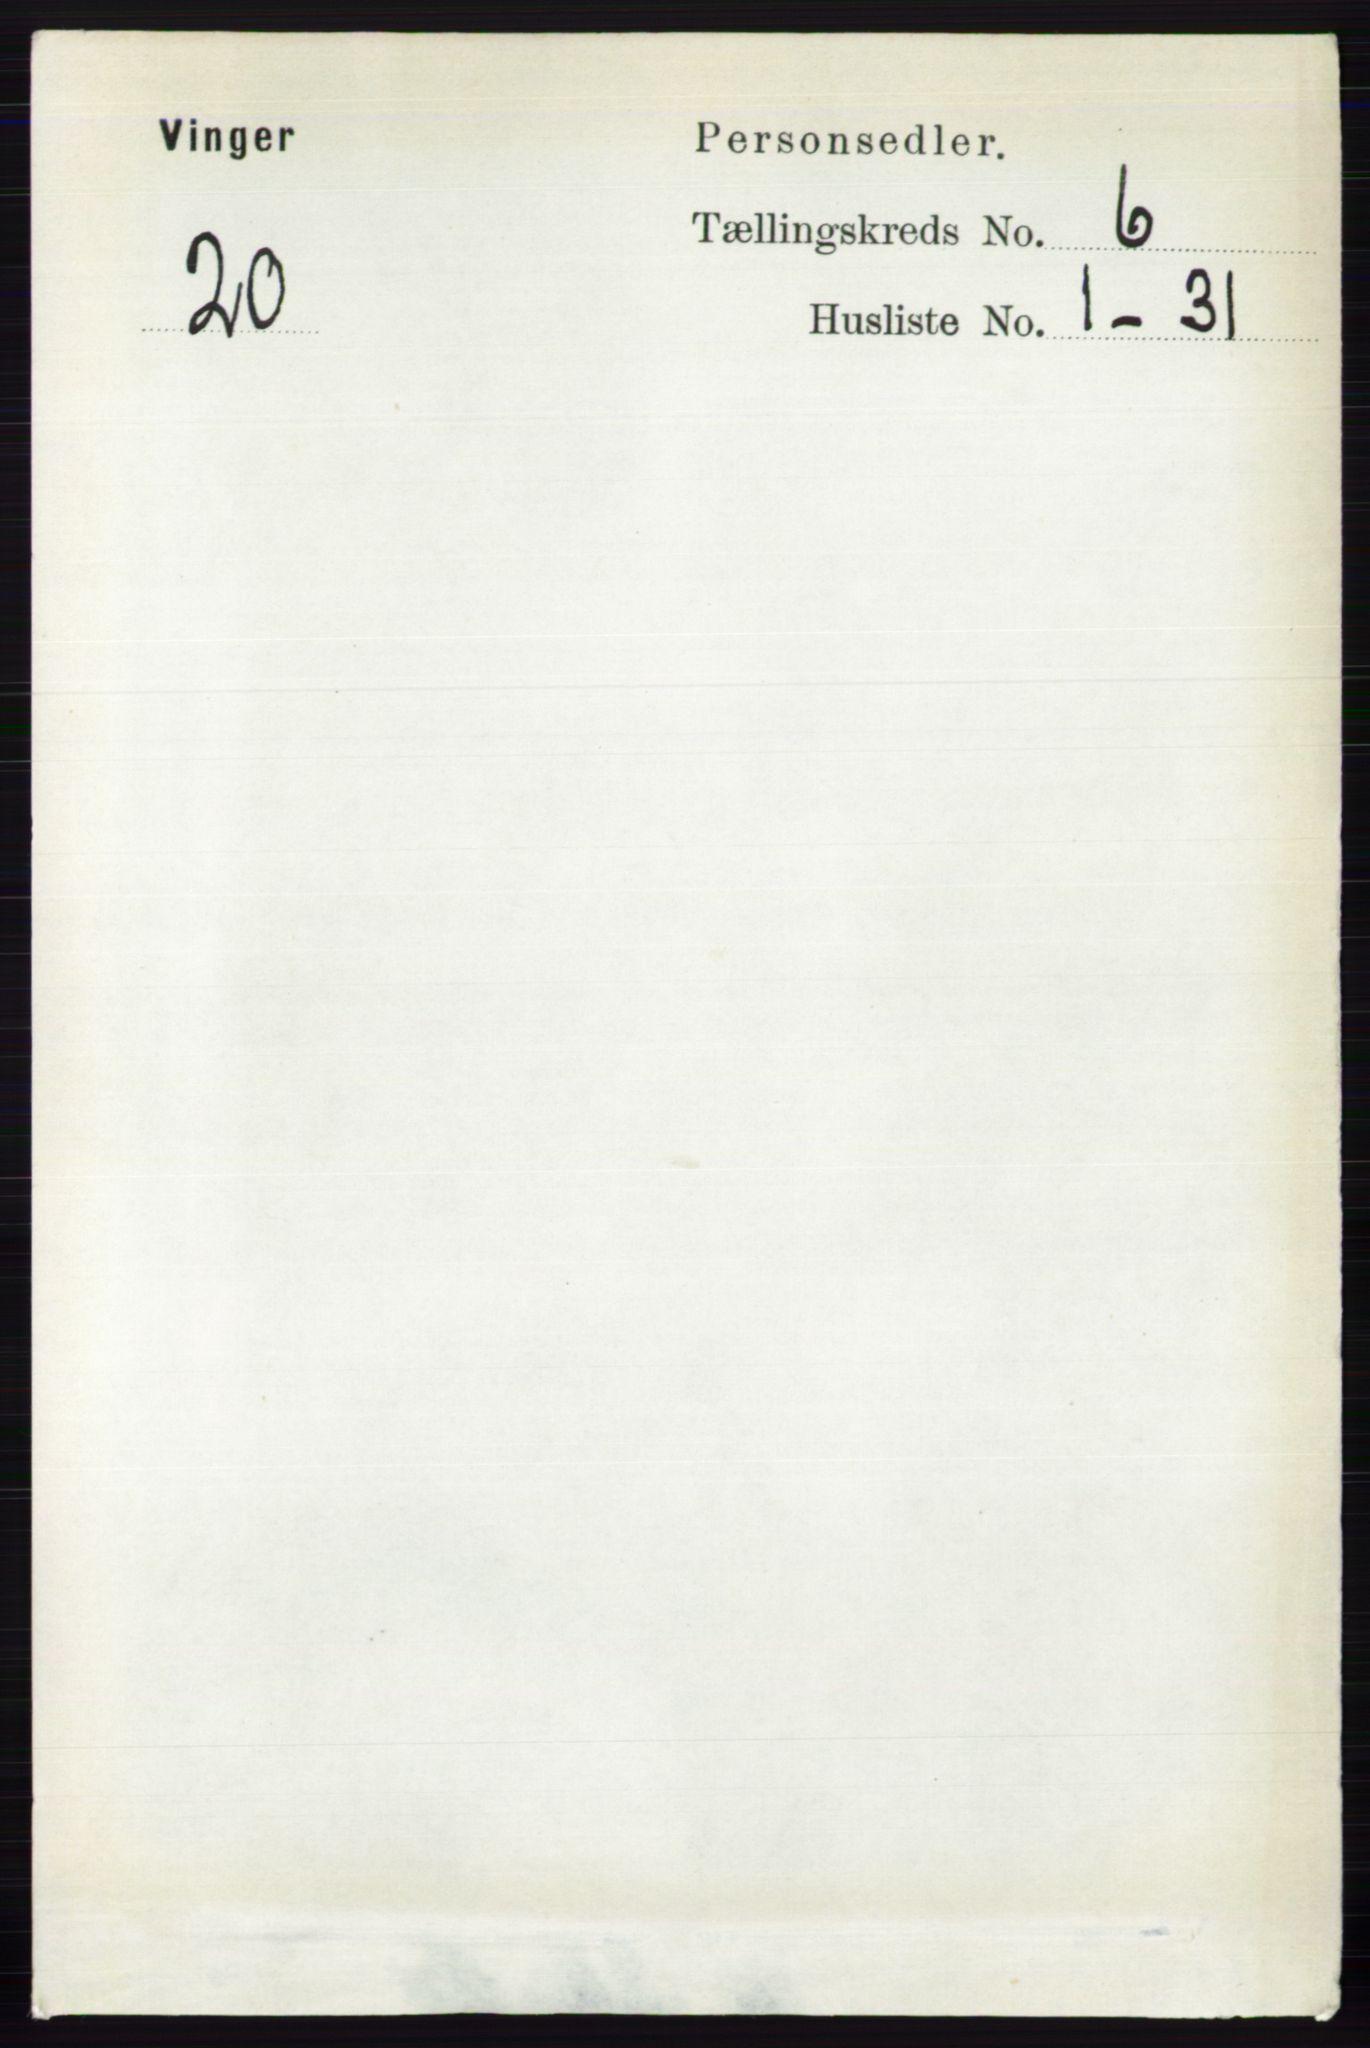 RA, Folketelling 1891 for 0421 Vinger herred, 1891, s. 2611